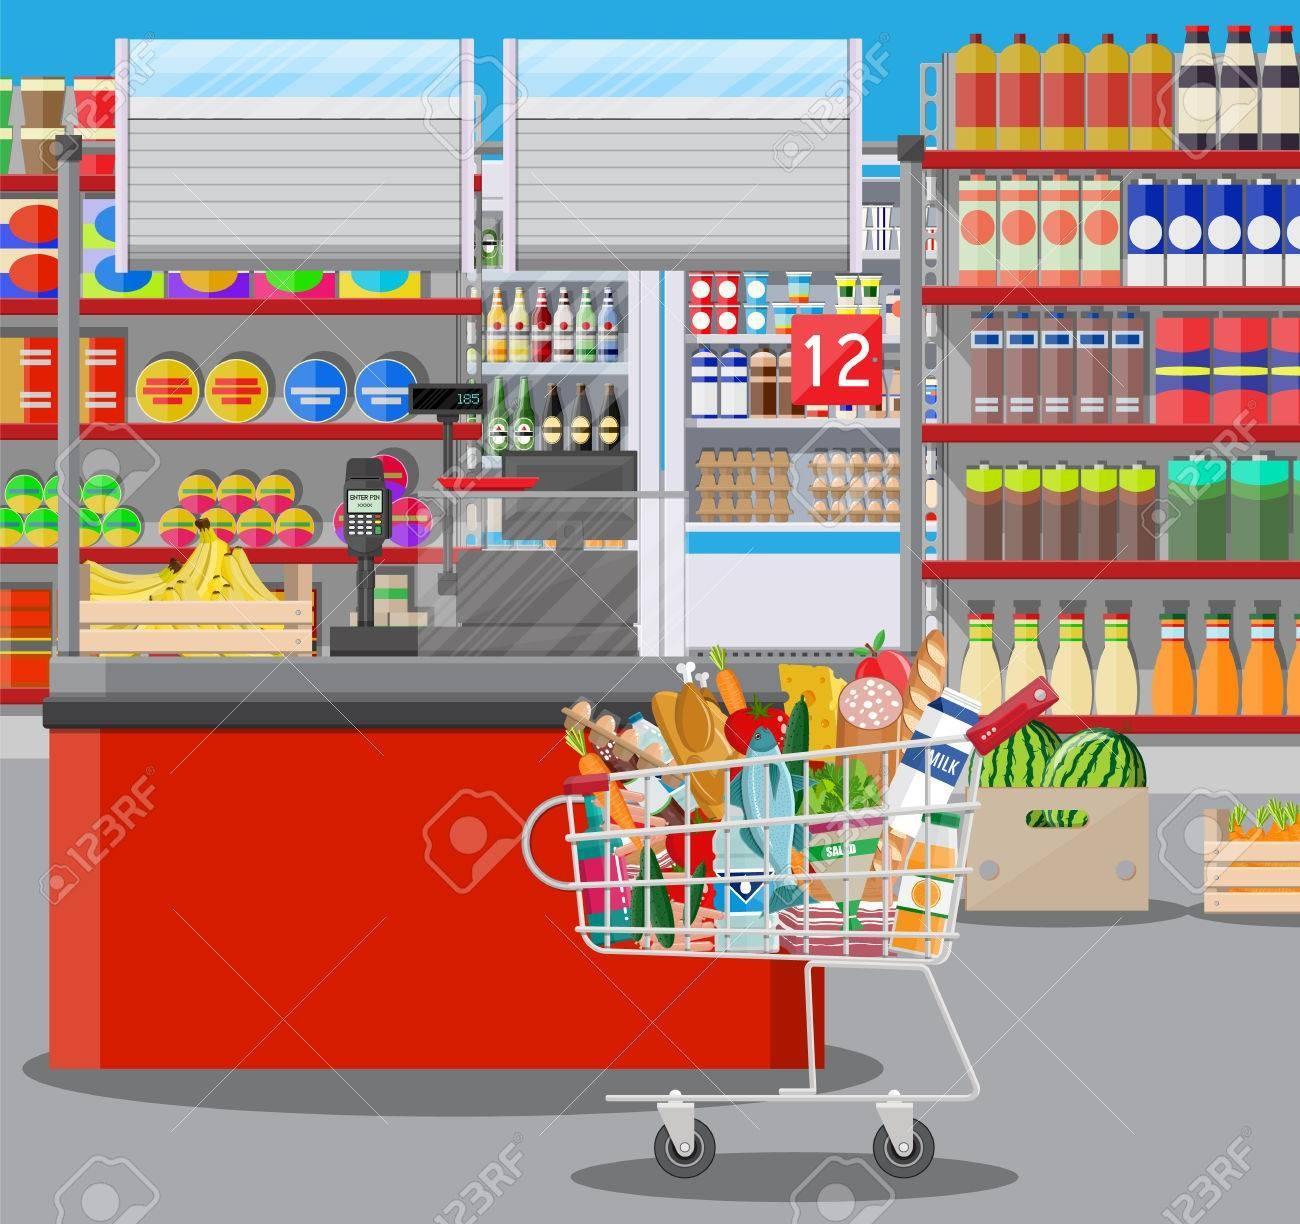 Alimentari in vendita, rif. C229